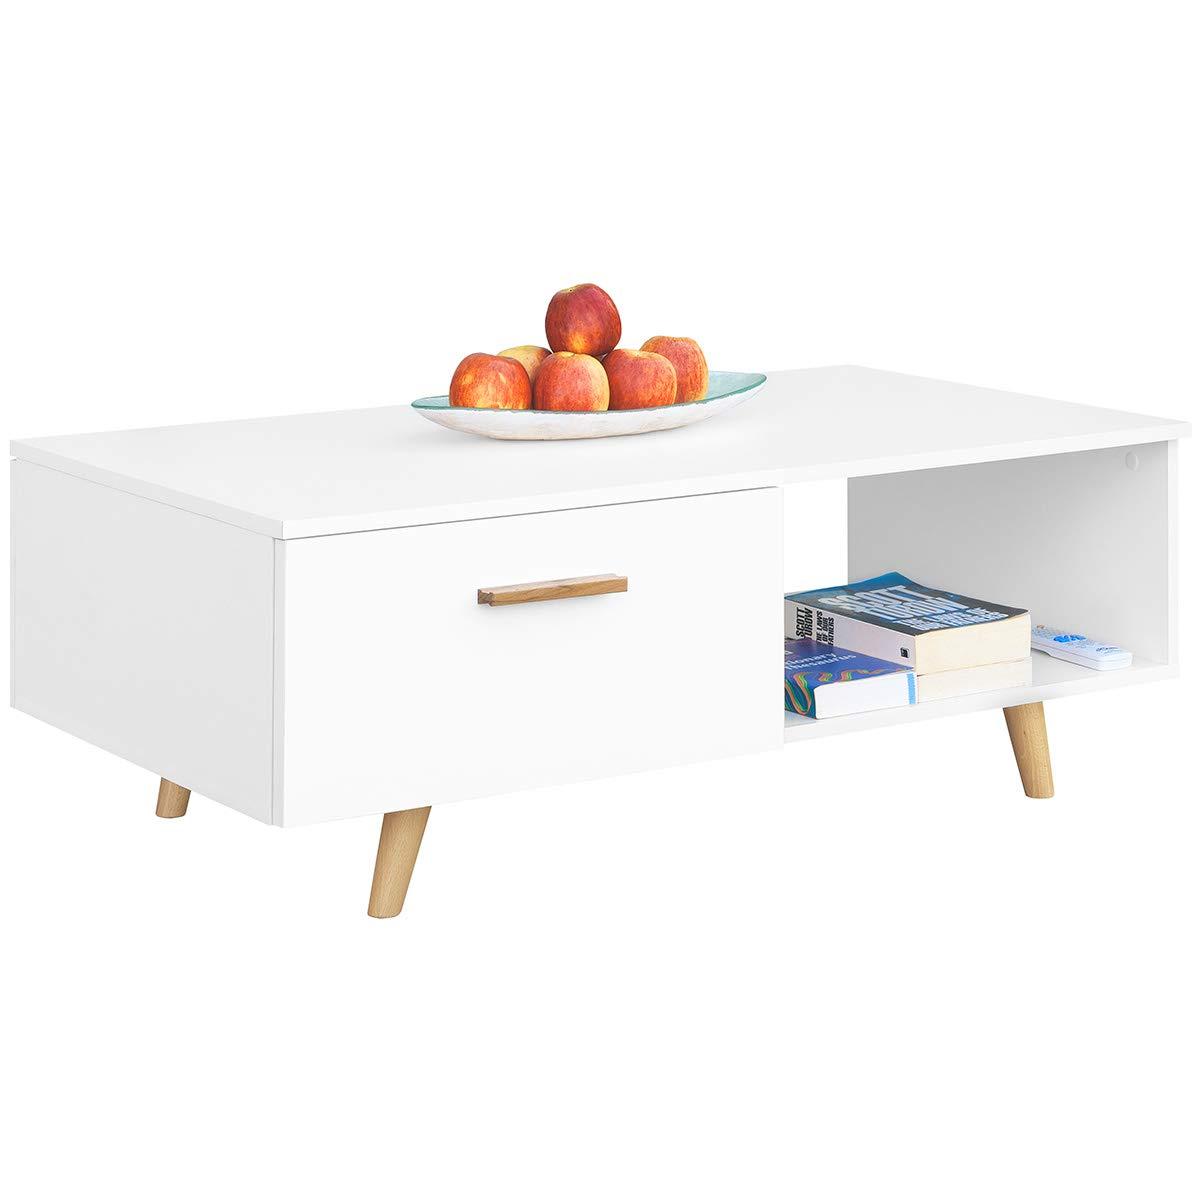 COMIFORT Comiford MS86 Couchtisch, modern, Farben: Weiß, Eiche, Weiß